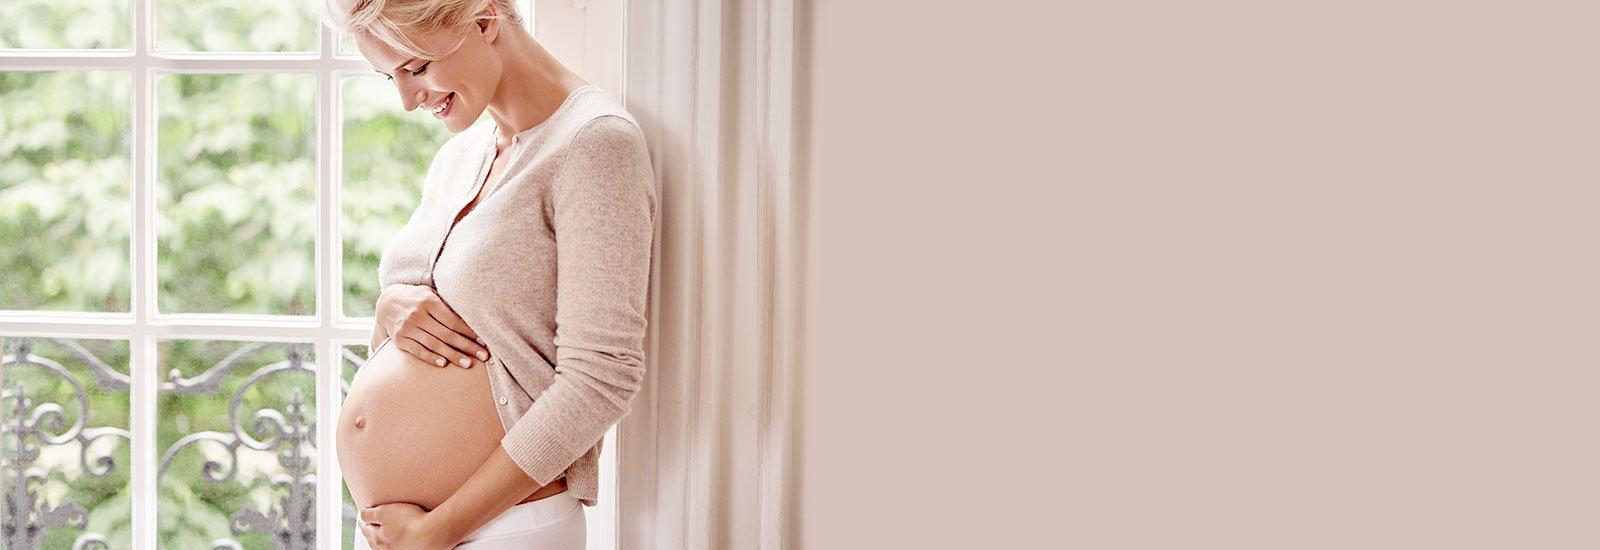 Femme enceinte très heureuse de son état